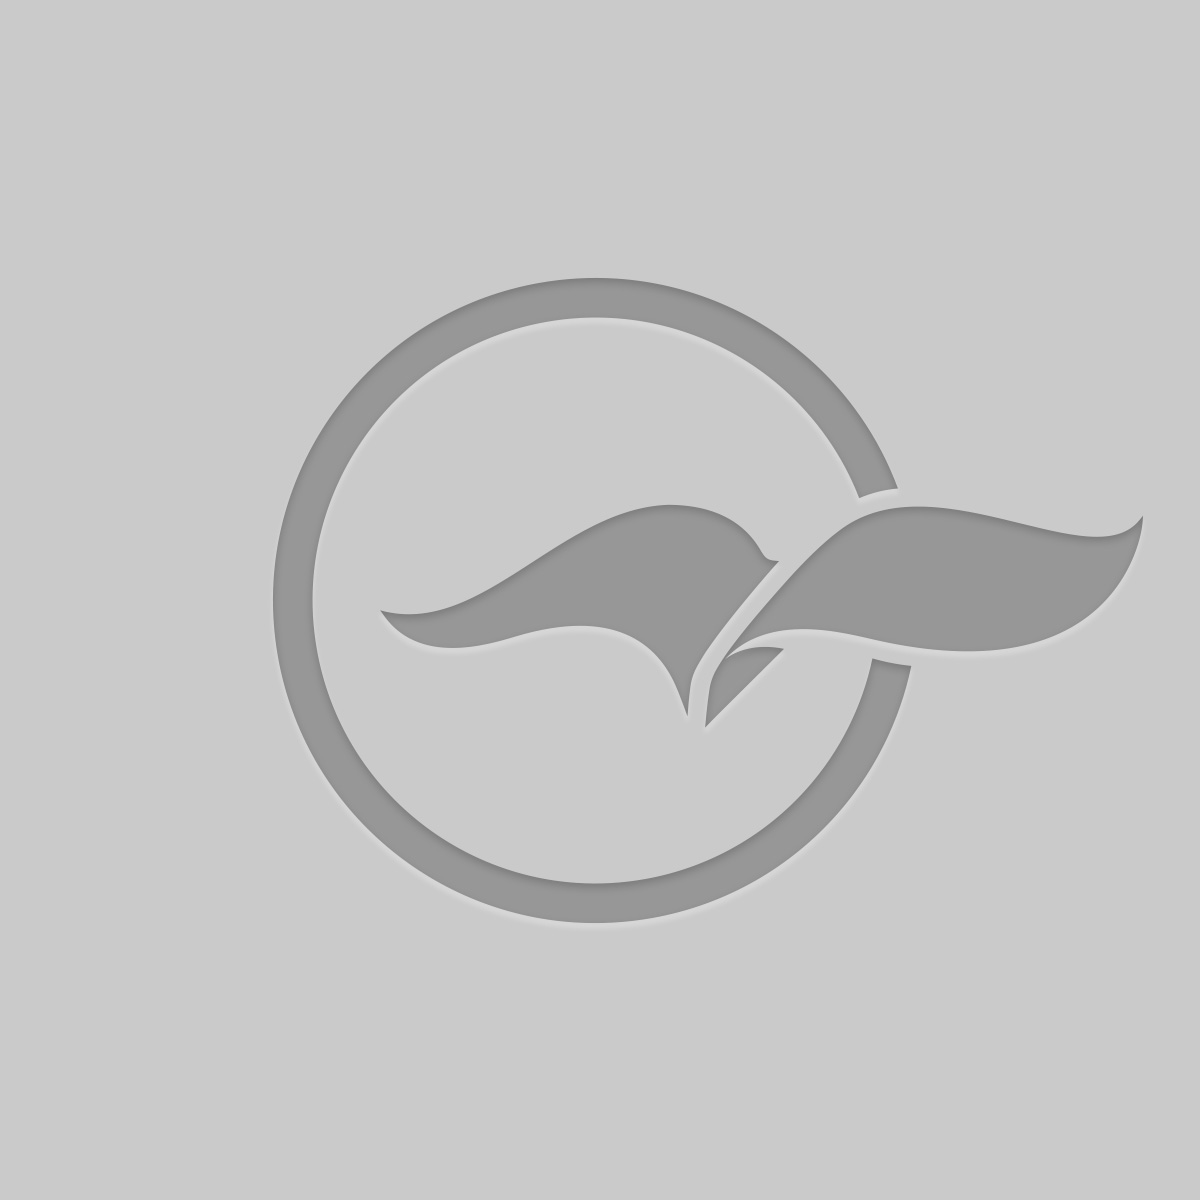 യു.പിയിൽ കർഷകനെ മരത്തിൽ കെട്ടിയിട്ട് വെടിവെച്ചുകൊന്നു